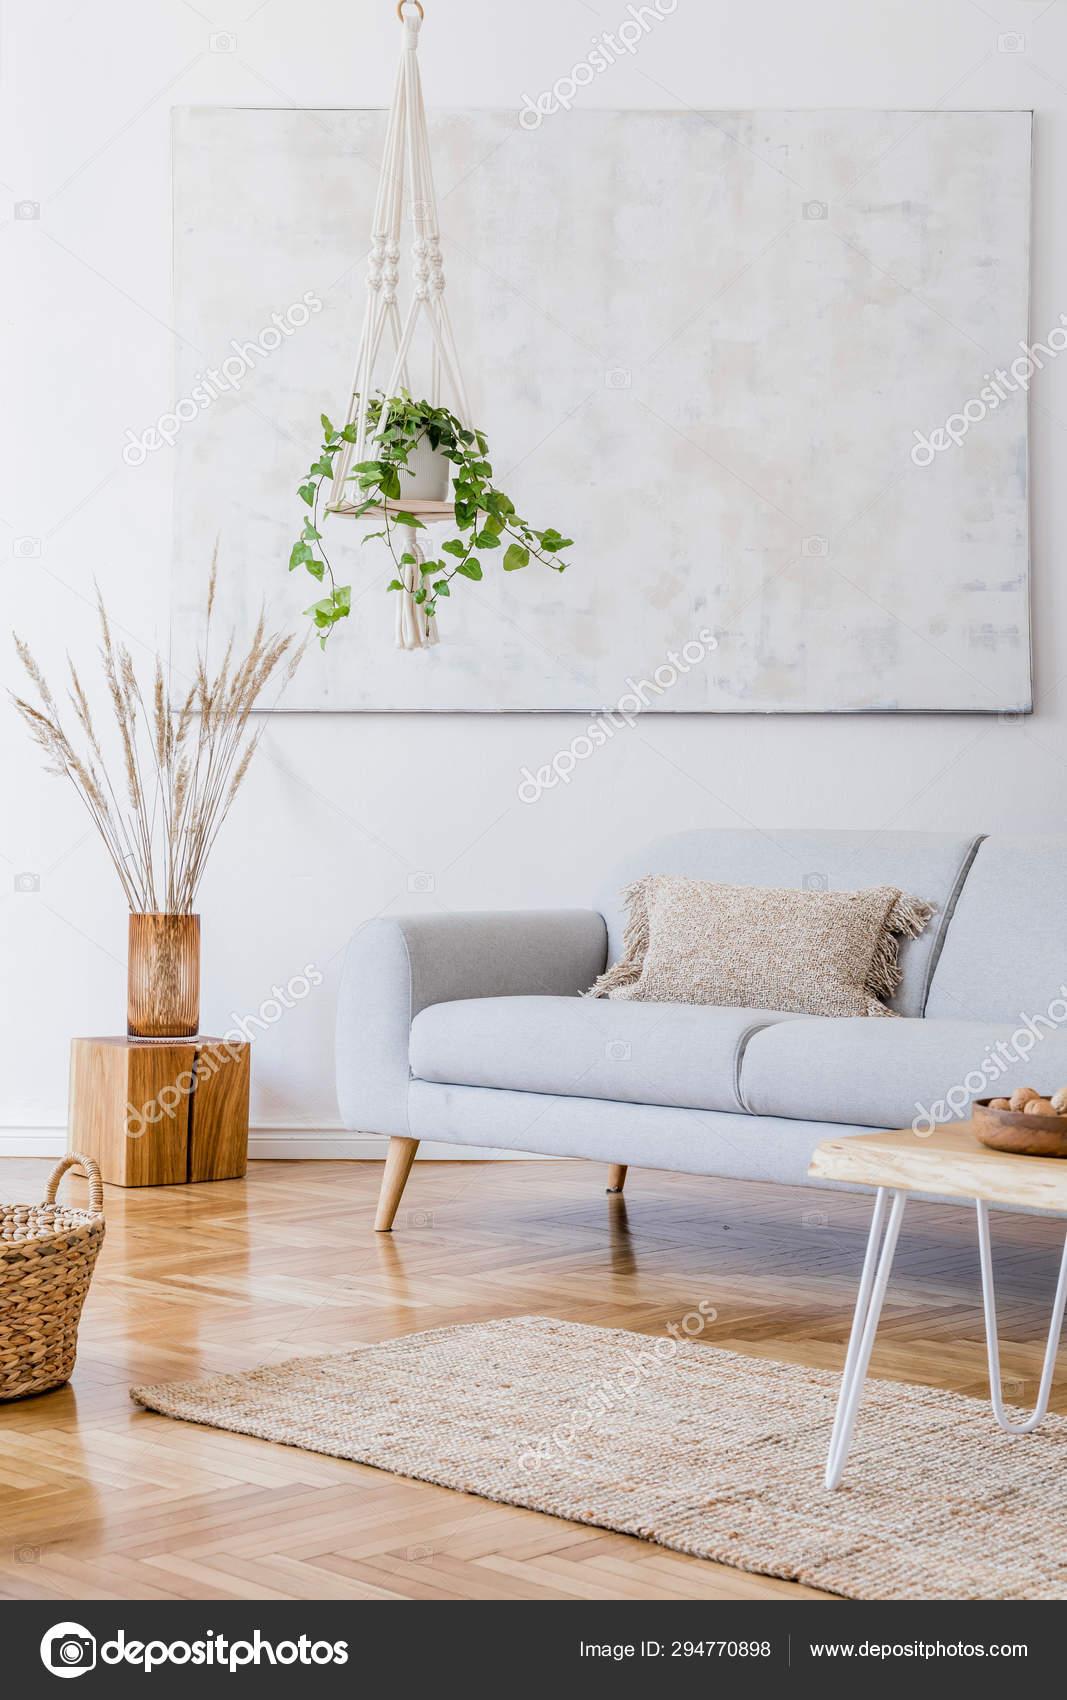 Design Boho Interior Living Room Cozy Apartment Withh